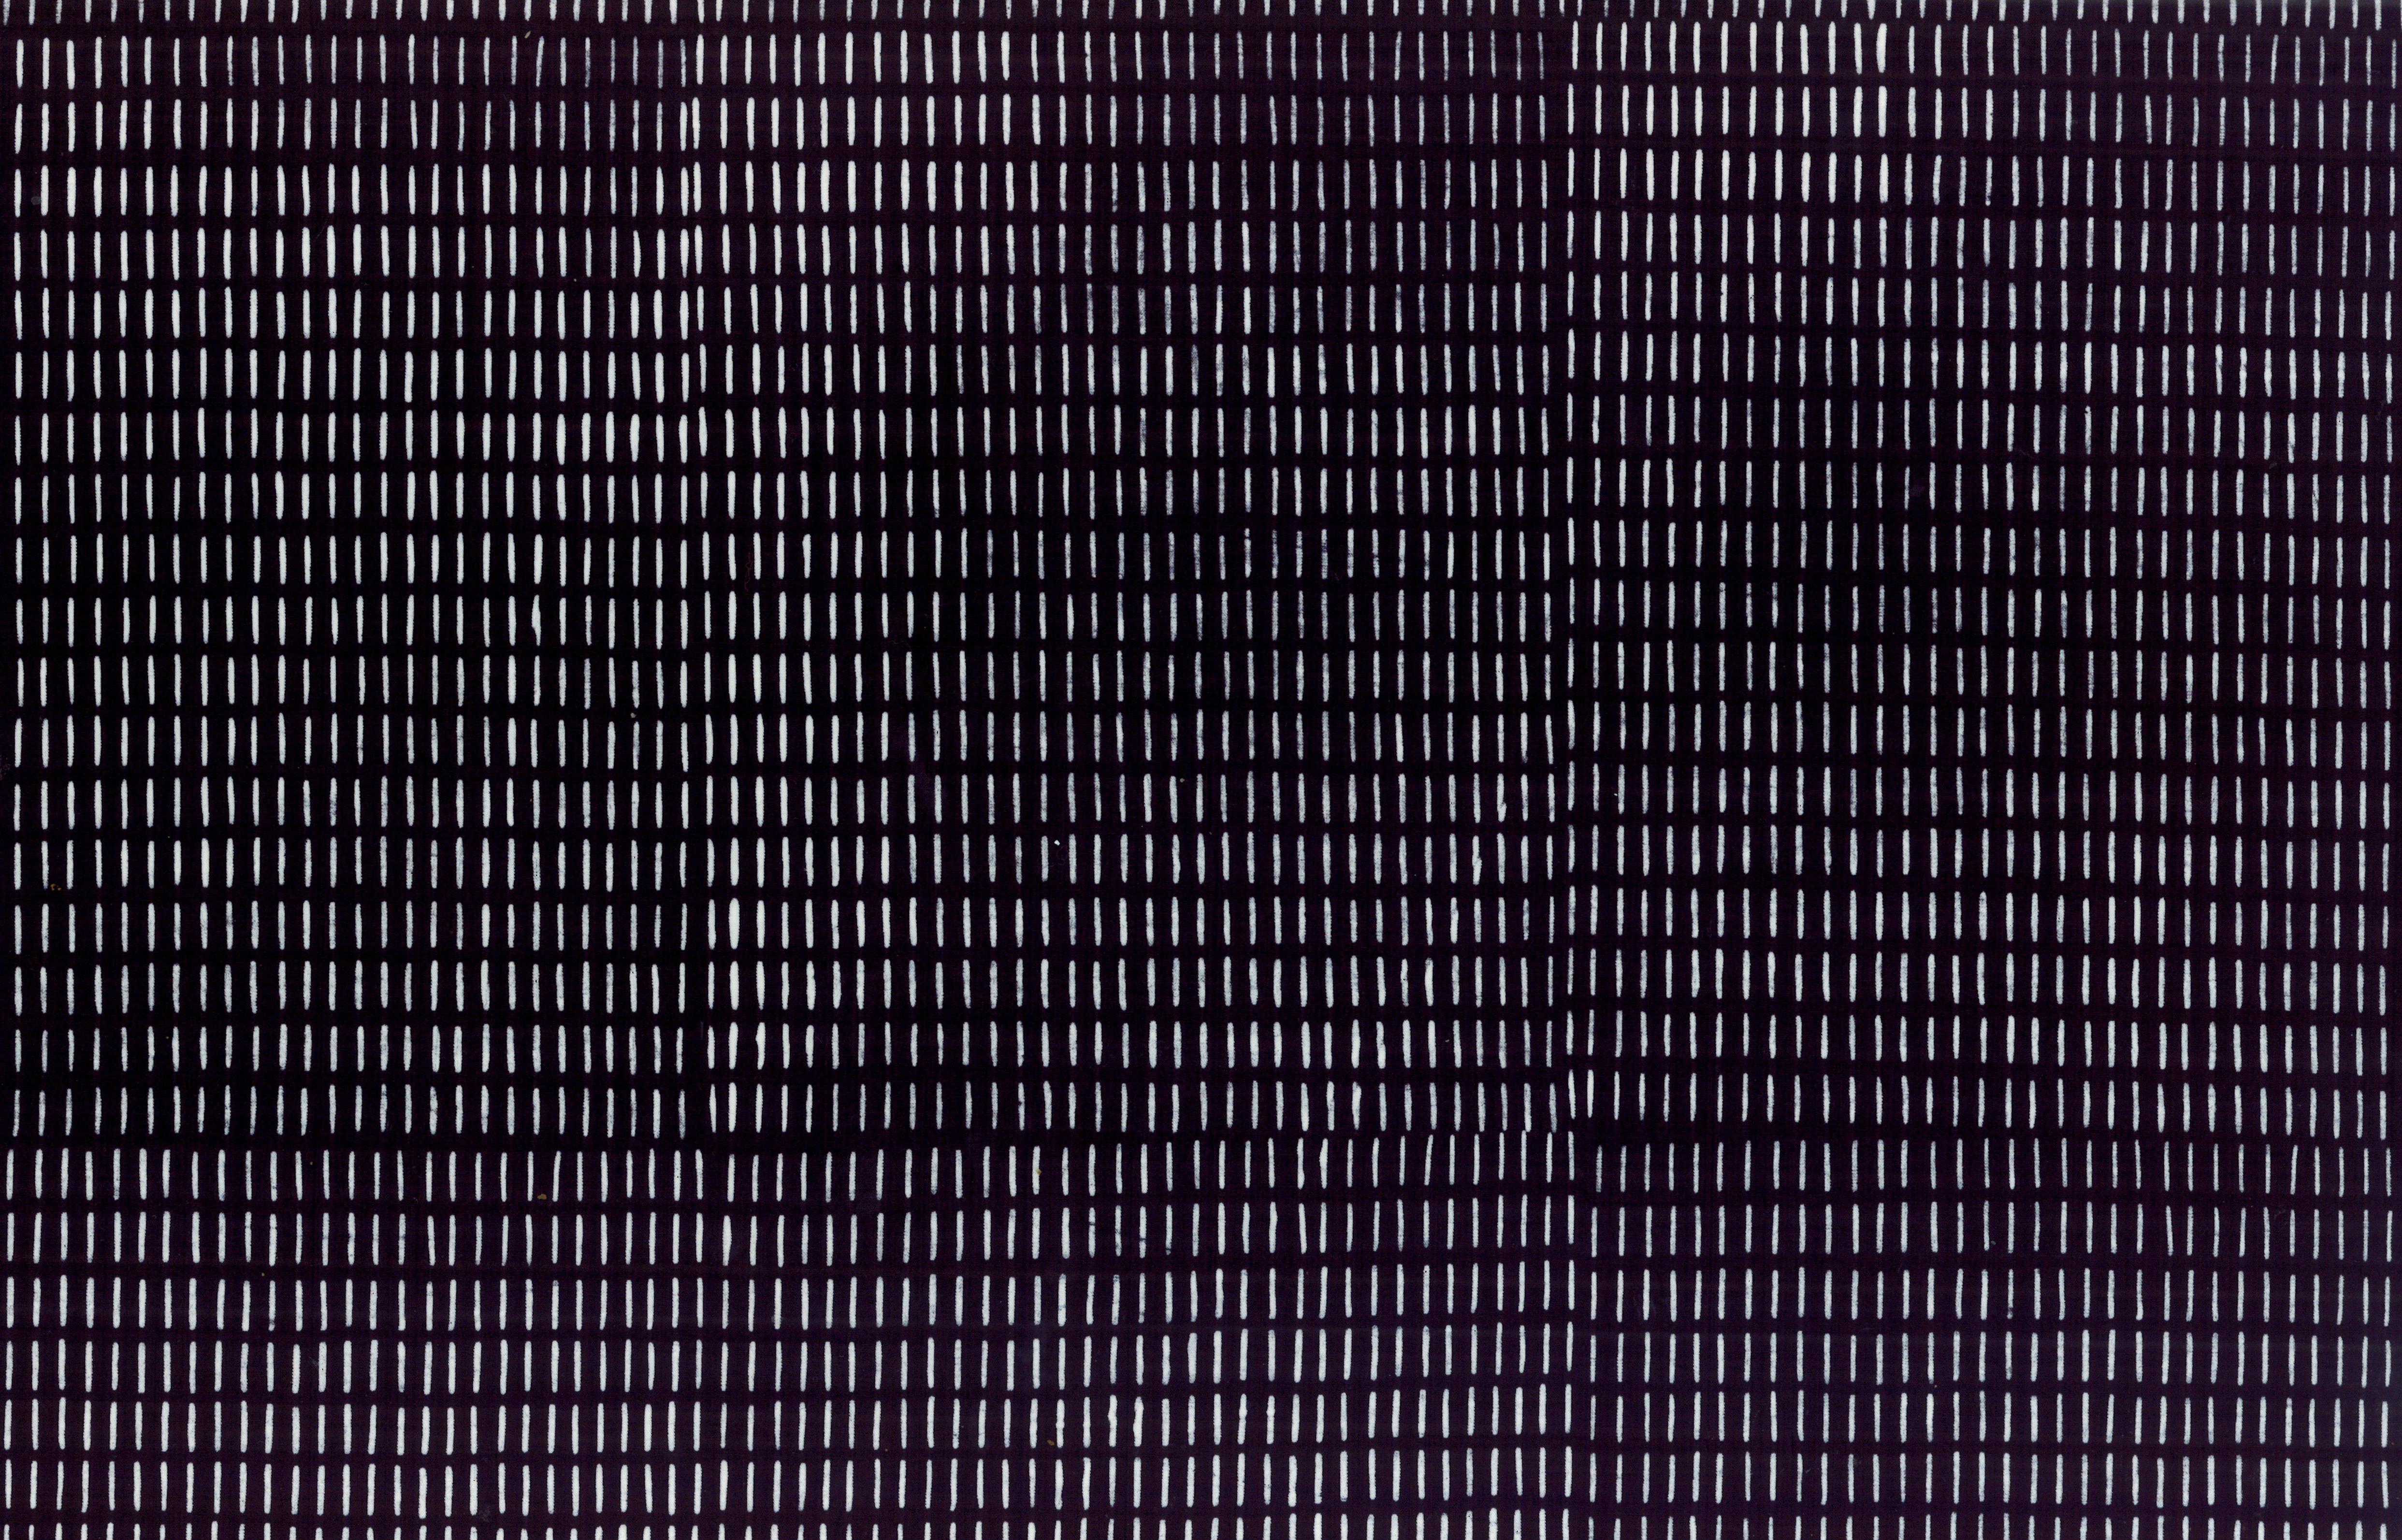 103-163-Zebra.jpg